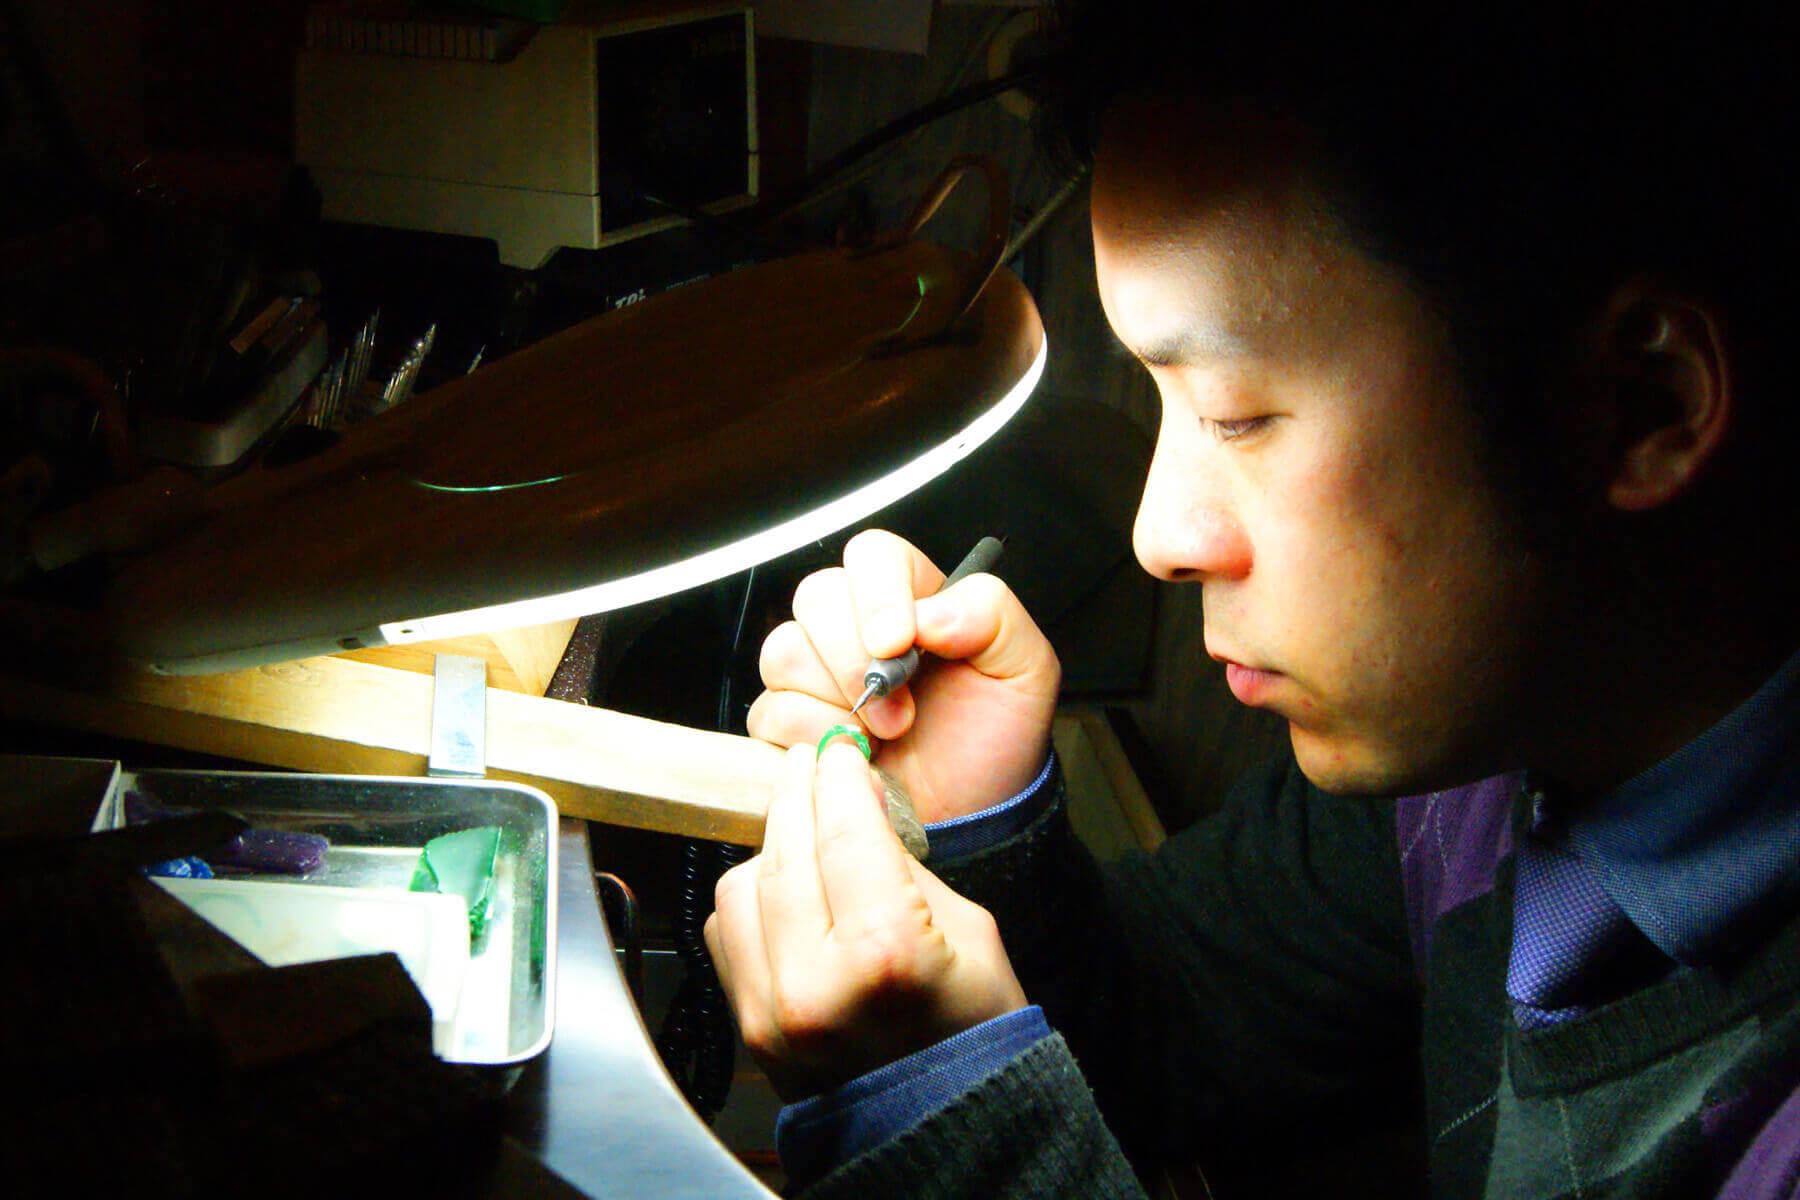 ダイアモンド | ダイアモンド | かざりやゆい | 世界に一つだけの結婚指輪「kazariya Yui」 | 福島県郡山市